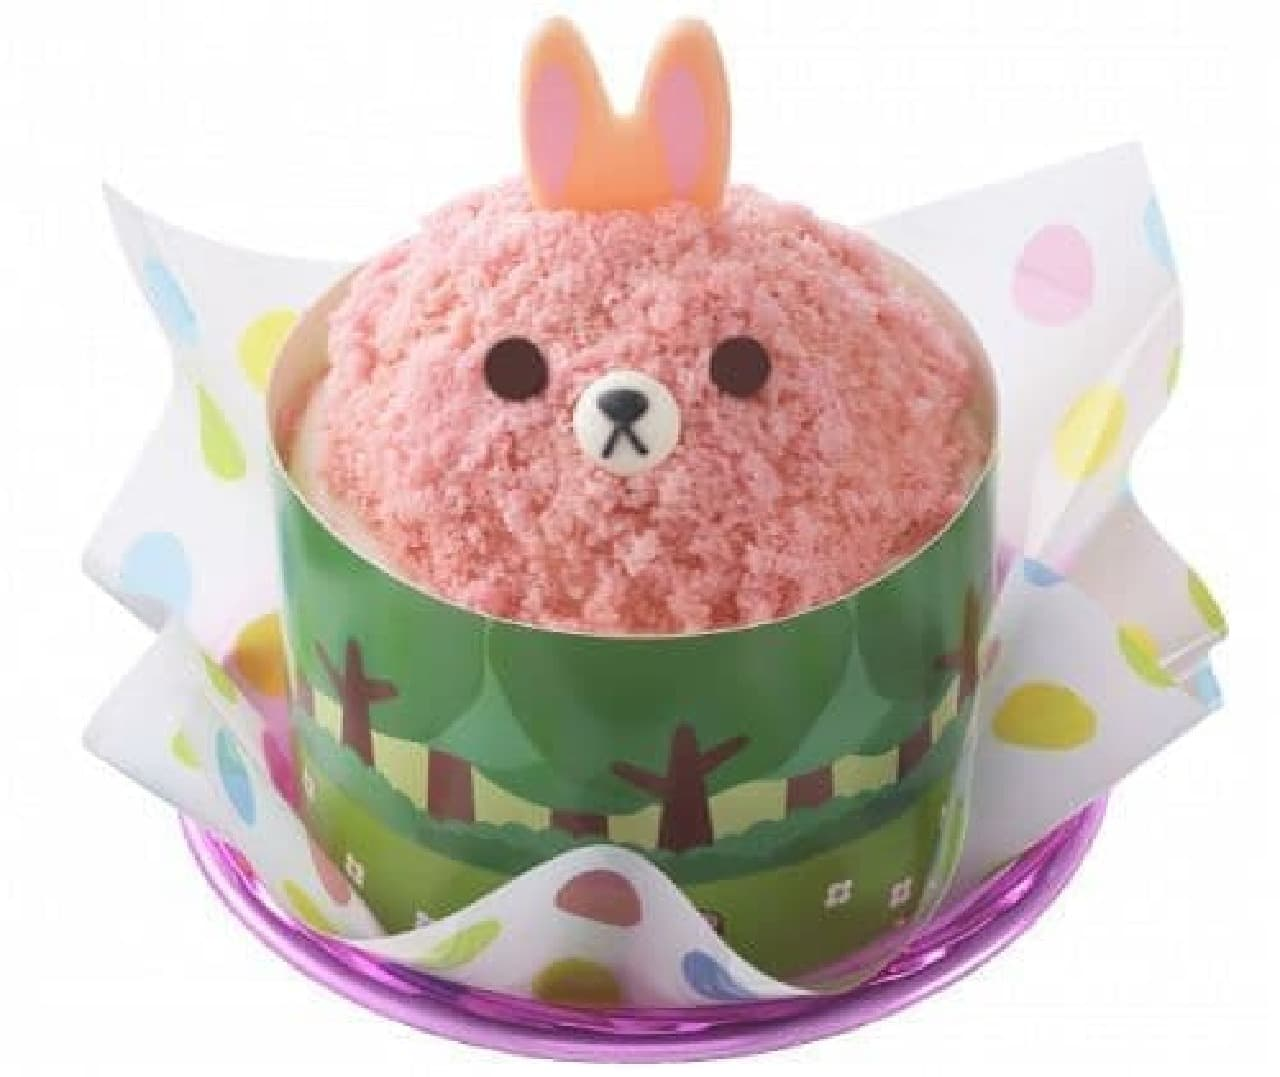 銀座コージーコーナーの上野公園ルエノ店「コージーうさぎさんのケーキ」